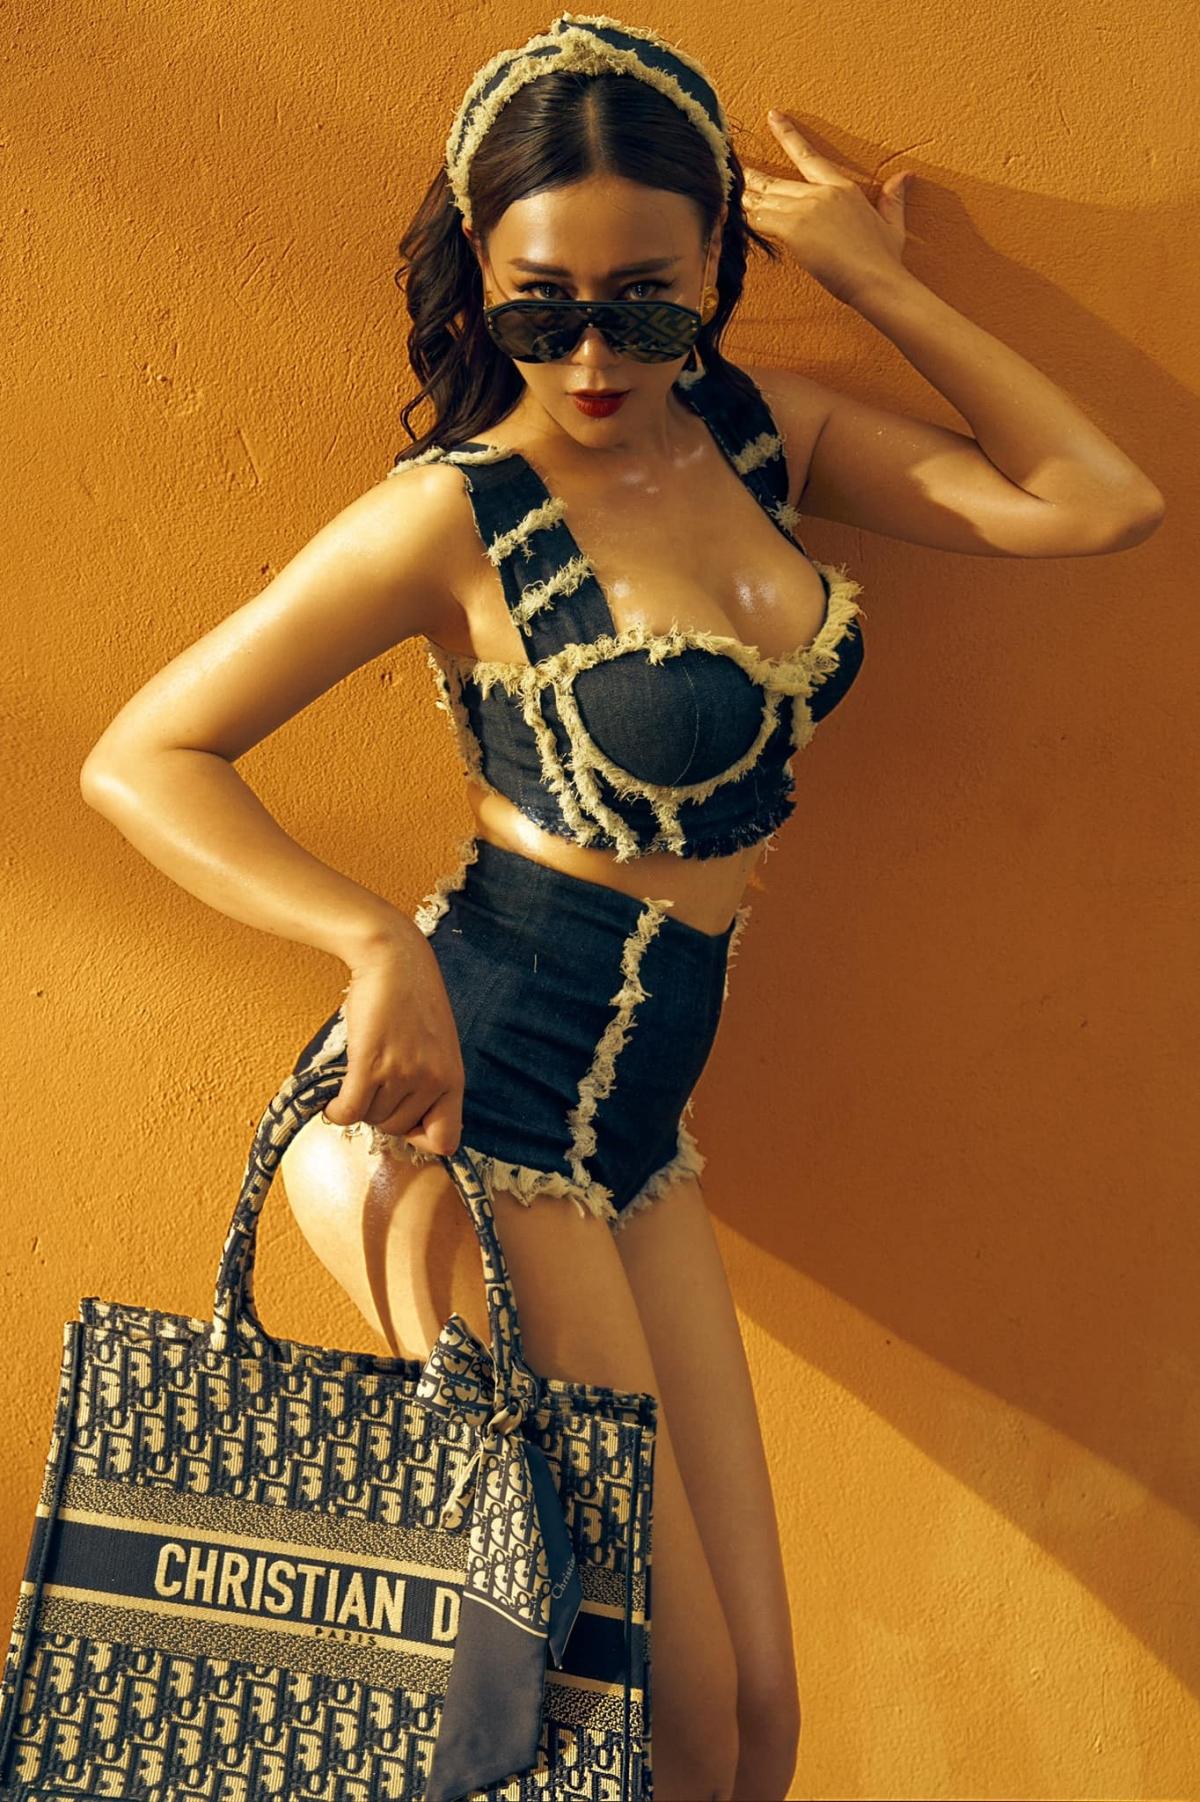 Người đẹp xách túi hiệu Dior, diện trang phục không thể ngắn hơn. Thân hình gợi cảm của cô nhận được nhiều lời khen của khán giả.